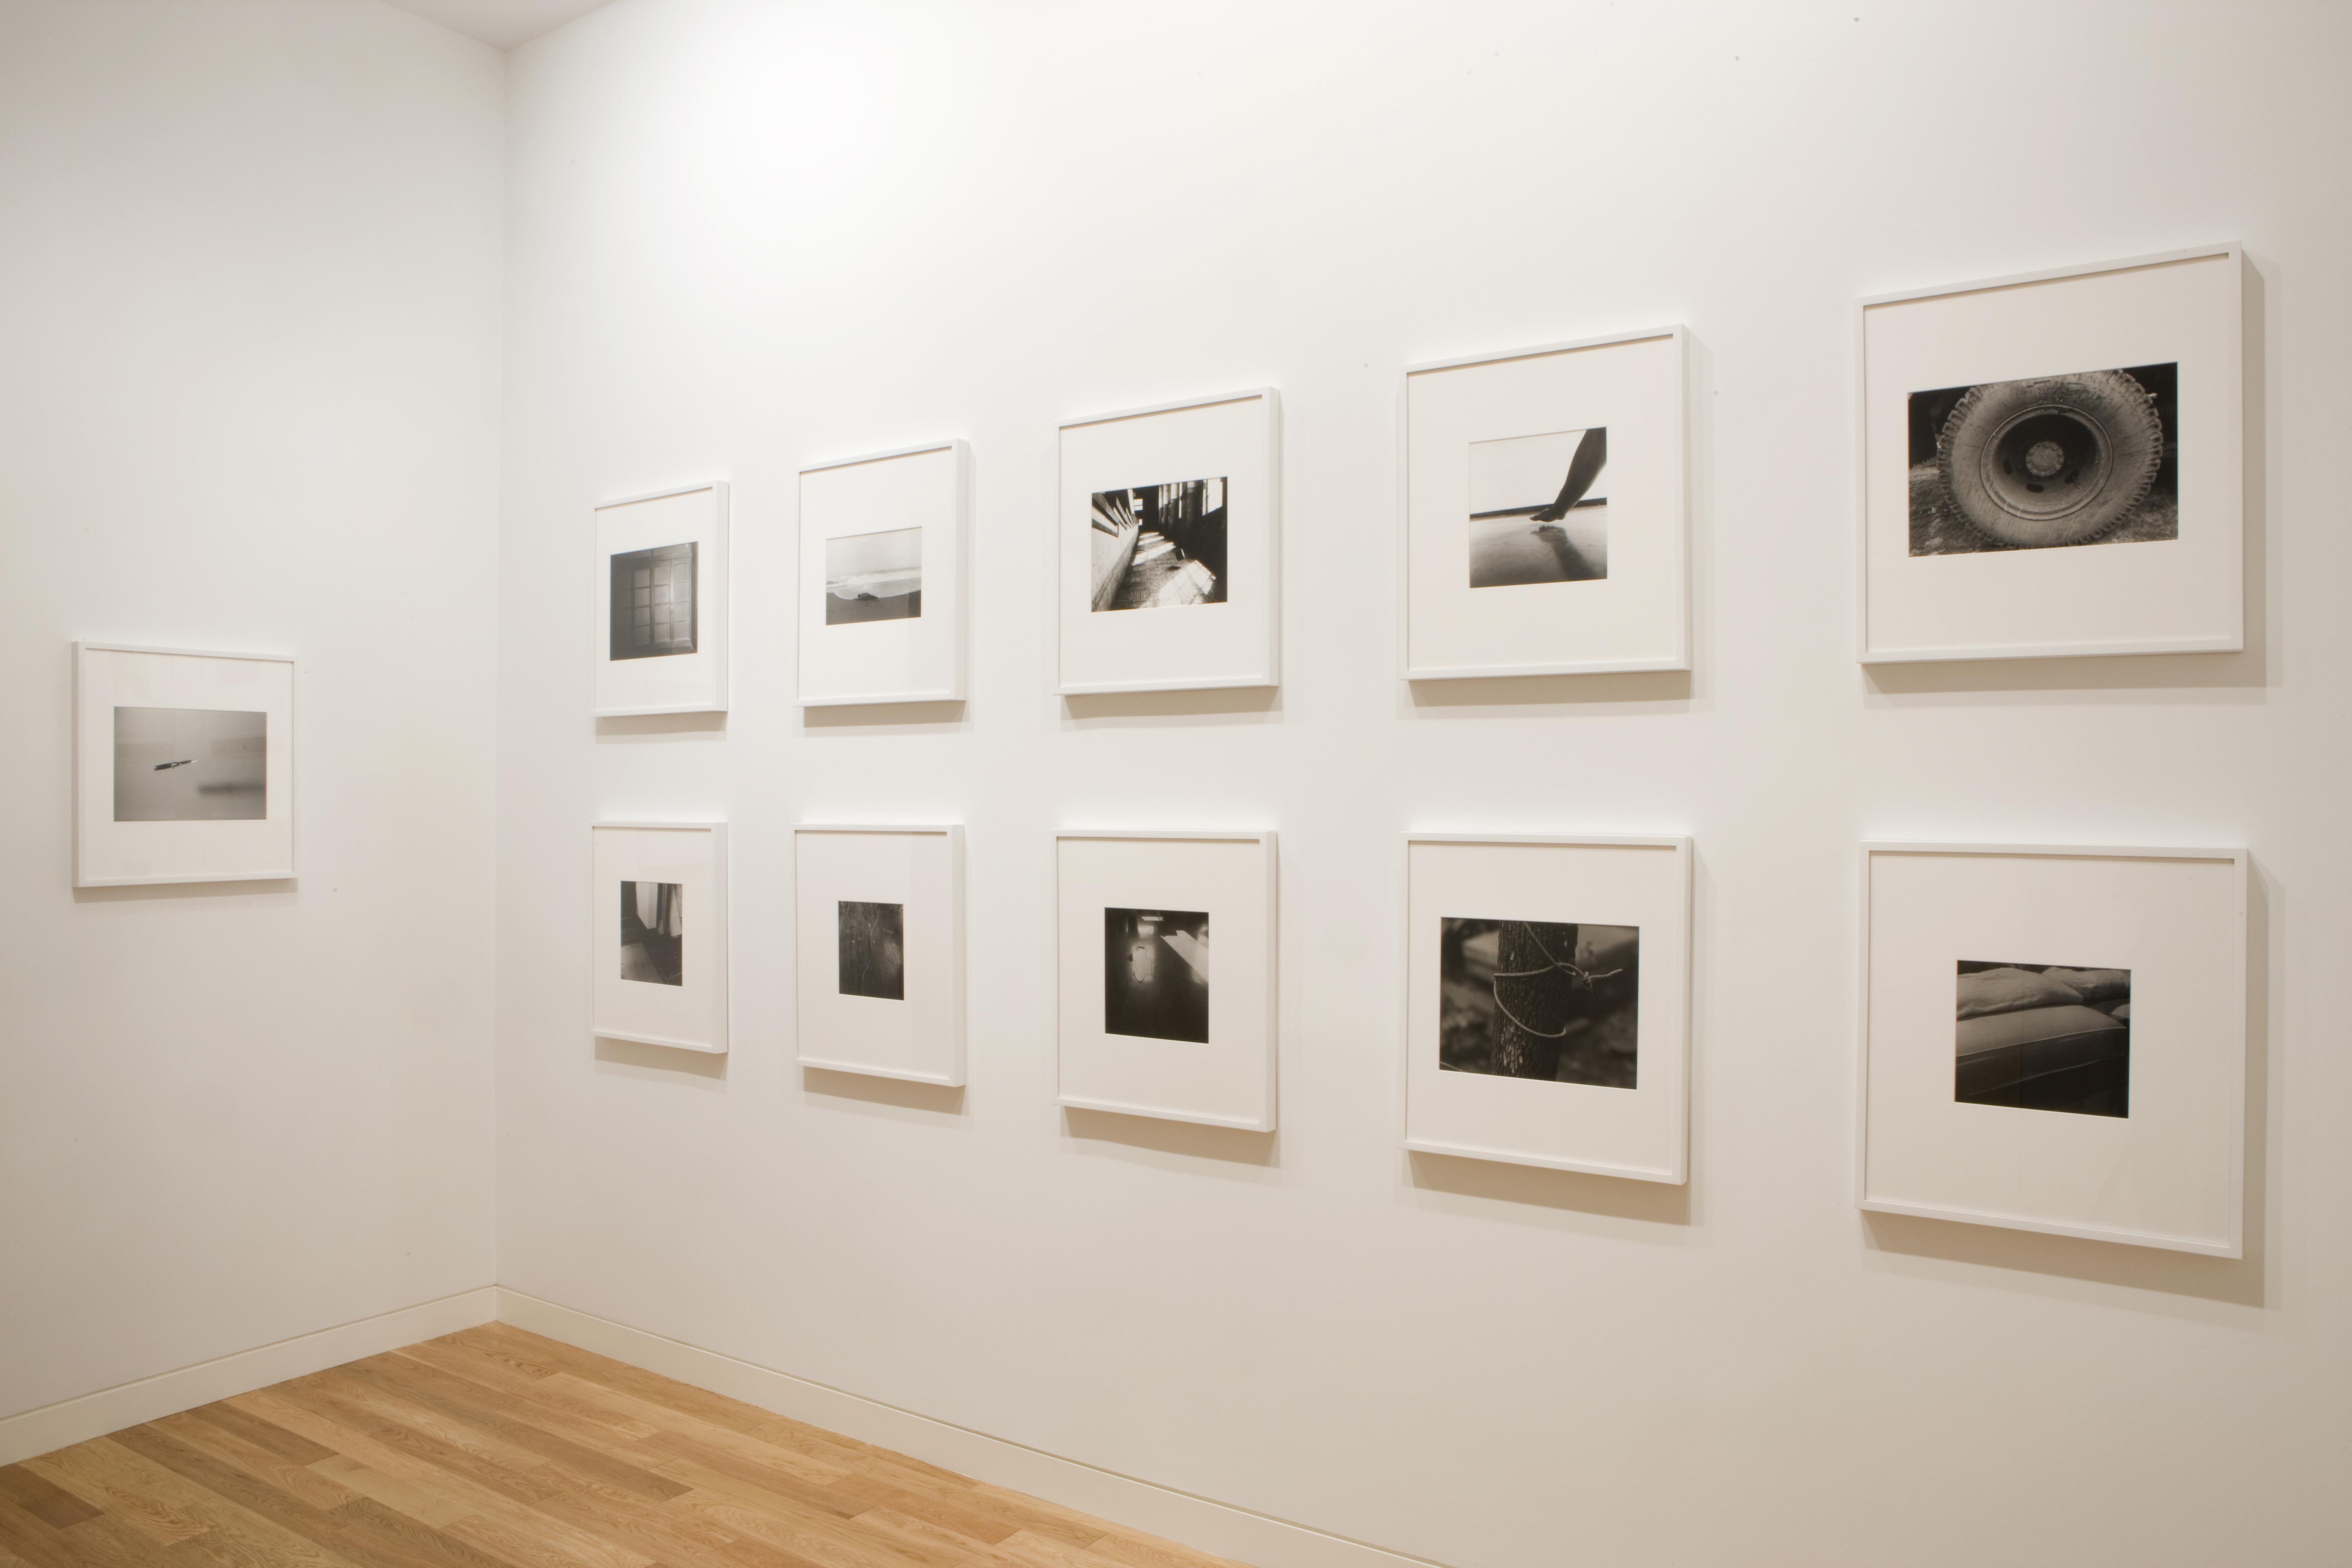 Photograph 2 from Koji Enokura, Hitoshi Nomura, Jiro Takamatsu: Photographs 1968-1979 exhibition.